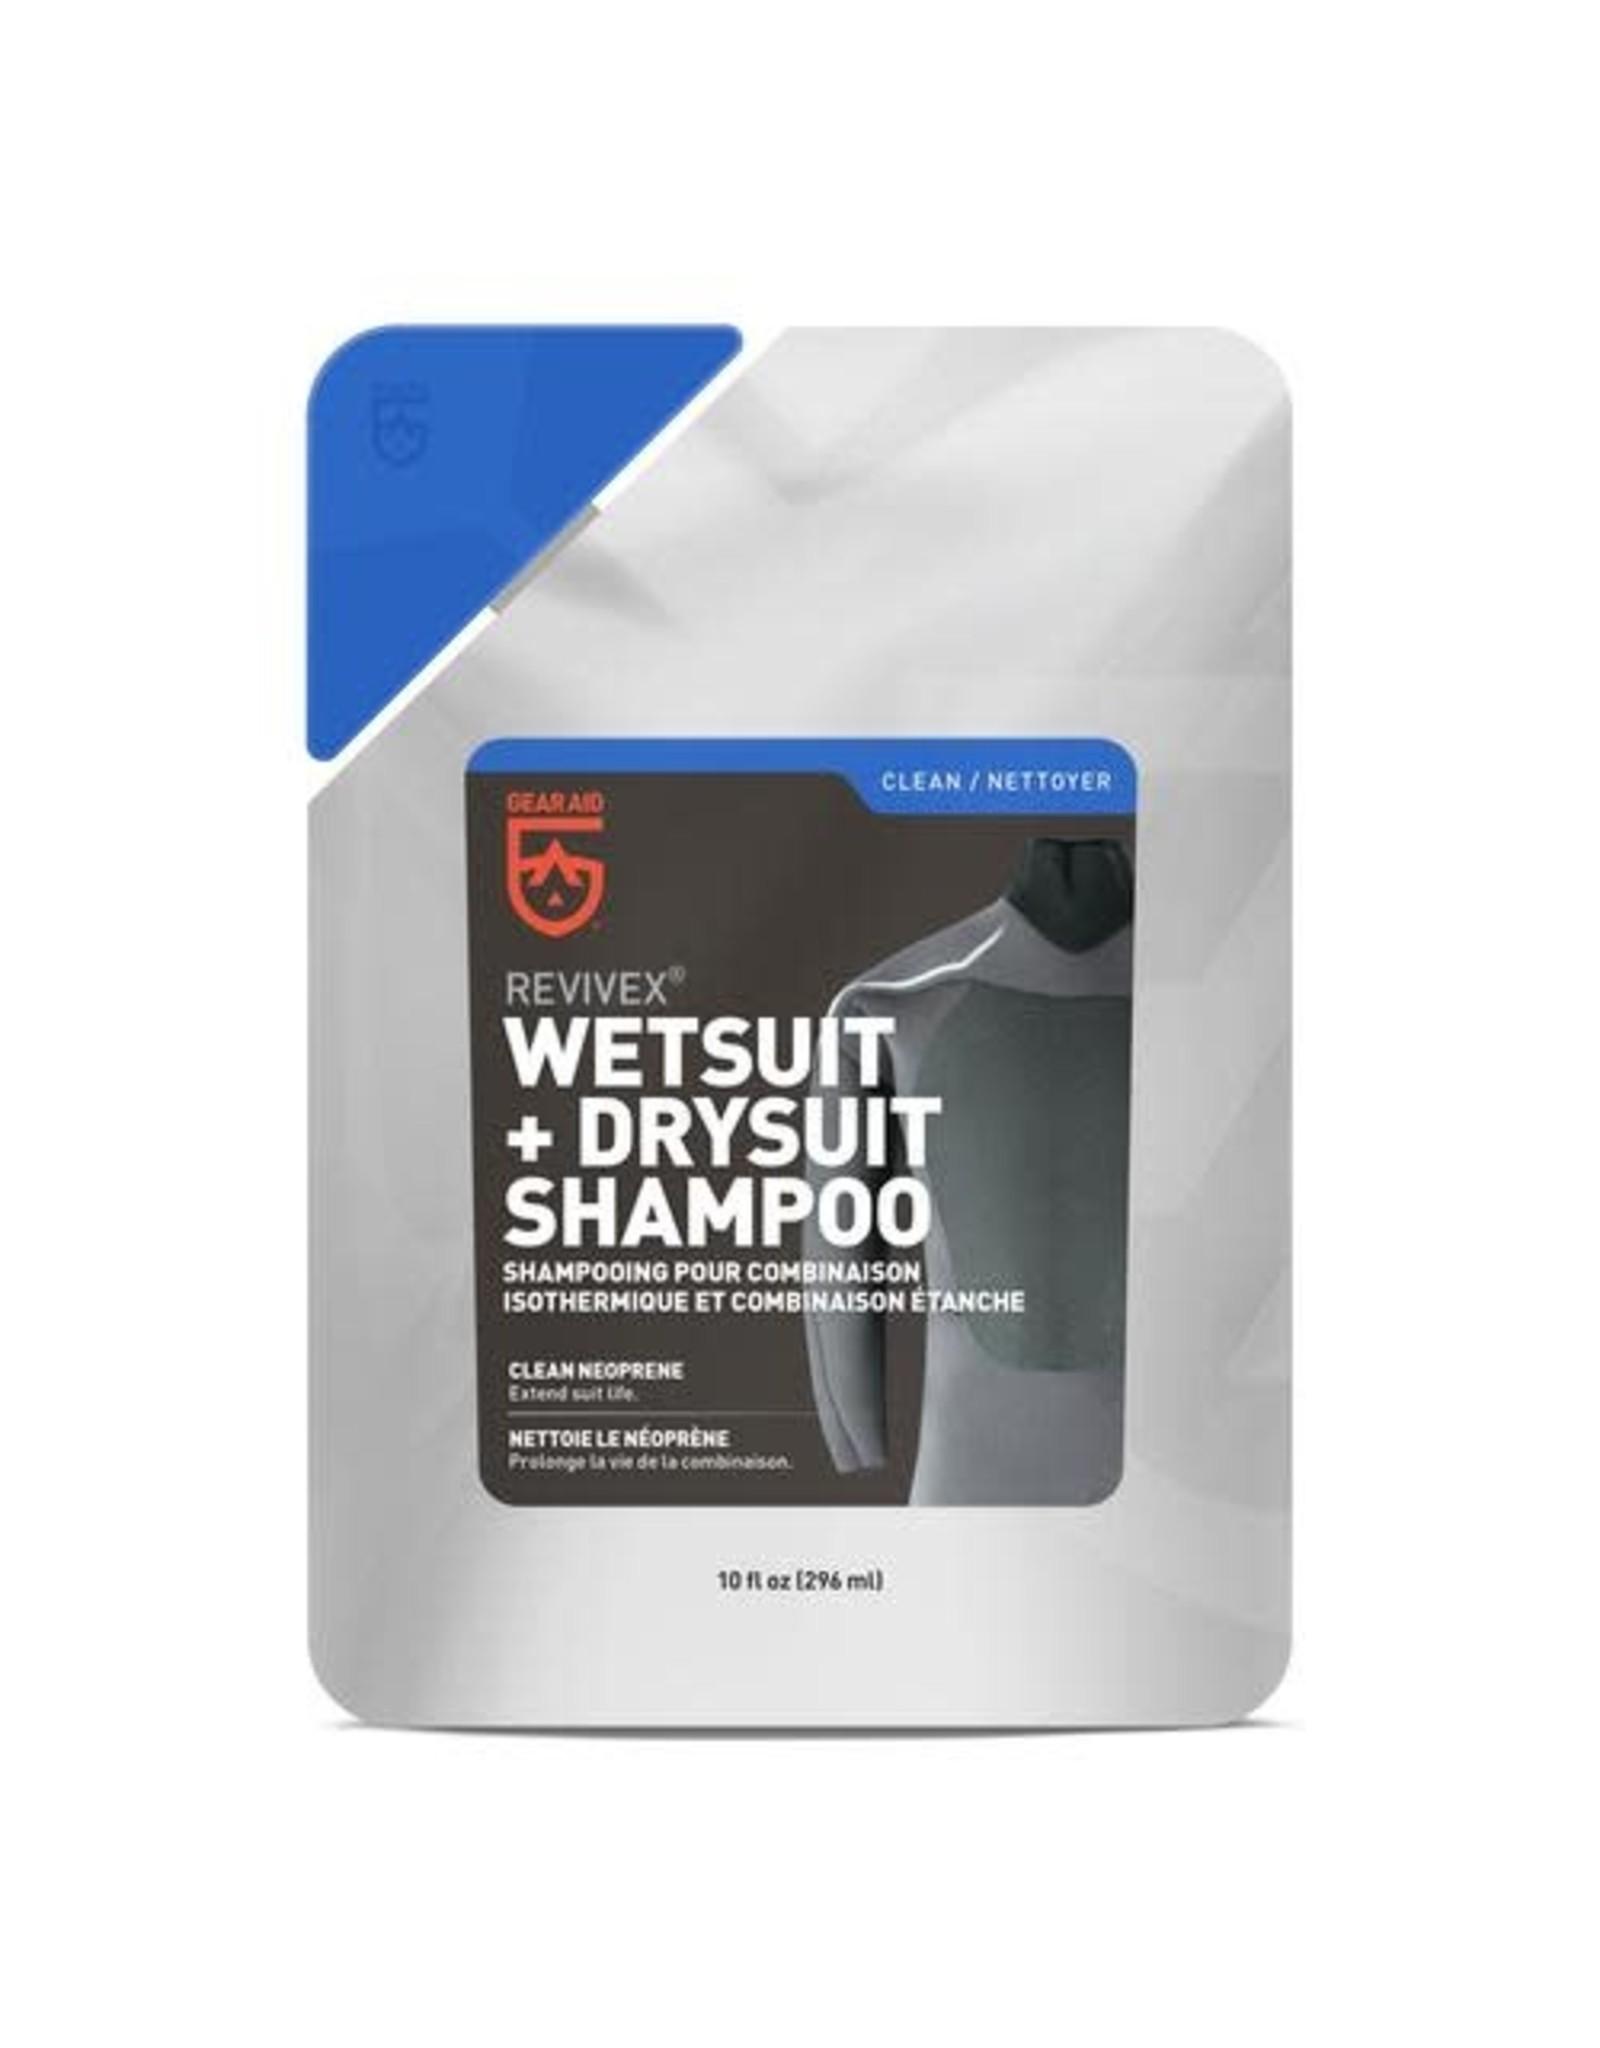 Gear Aid Revivex wetsuit + Drysuit Shampoo -10oz